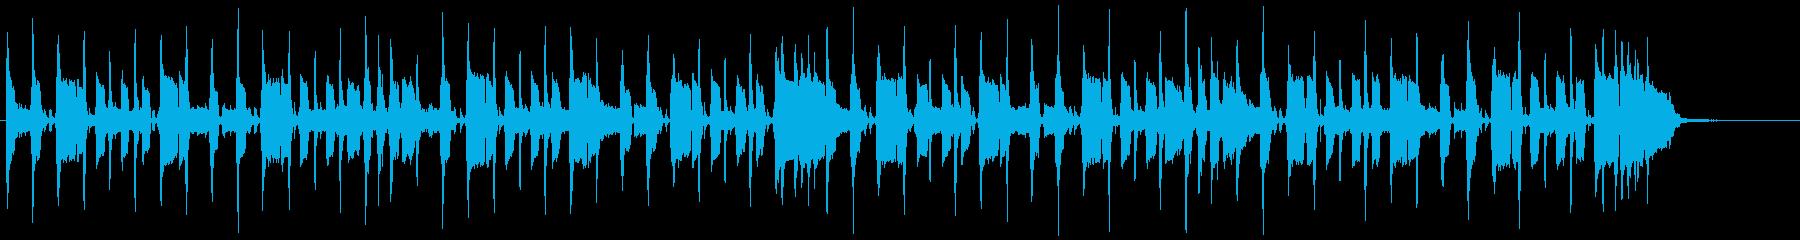 エレキギターのリフが印象的なバンドBGMの再生済みの波形